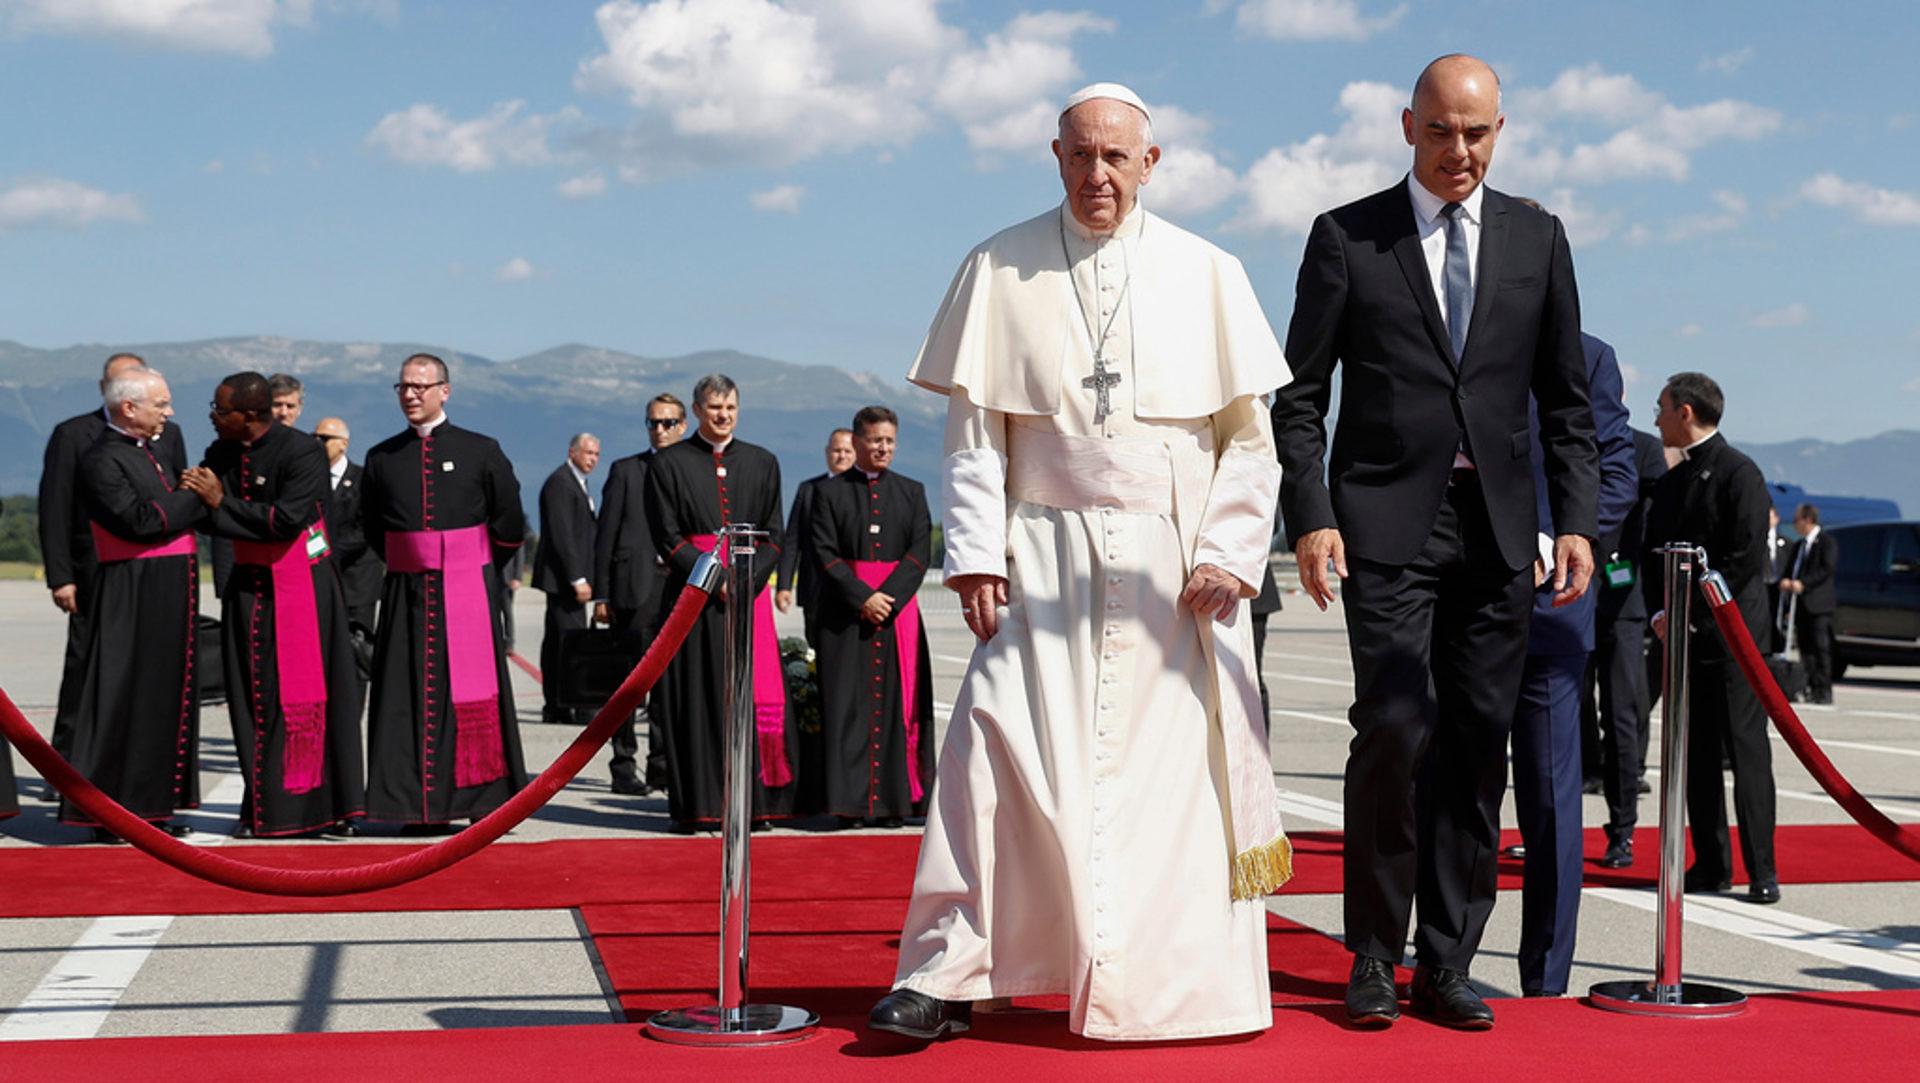 Papst Franziskus mit Bundesrat Alain Berset bei der Ankunft am Flughafen Genf   © Keystone